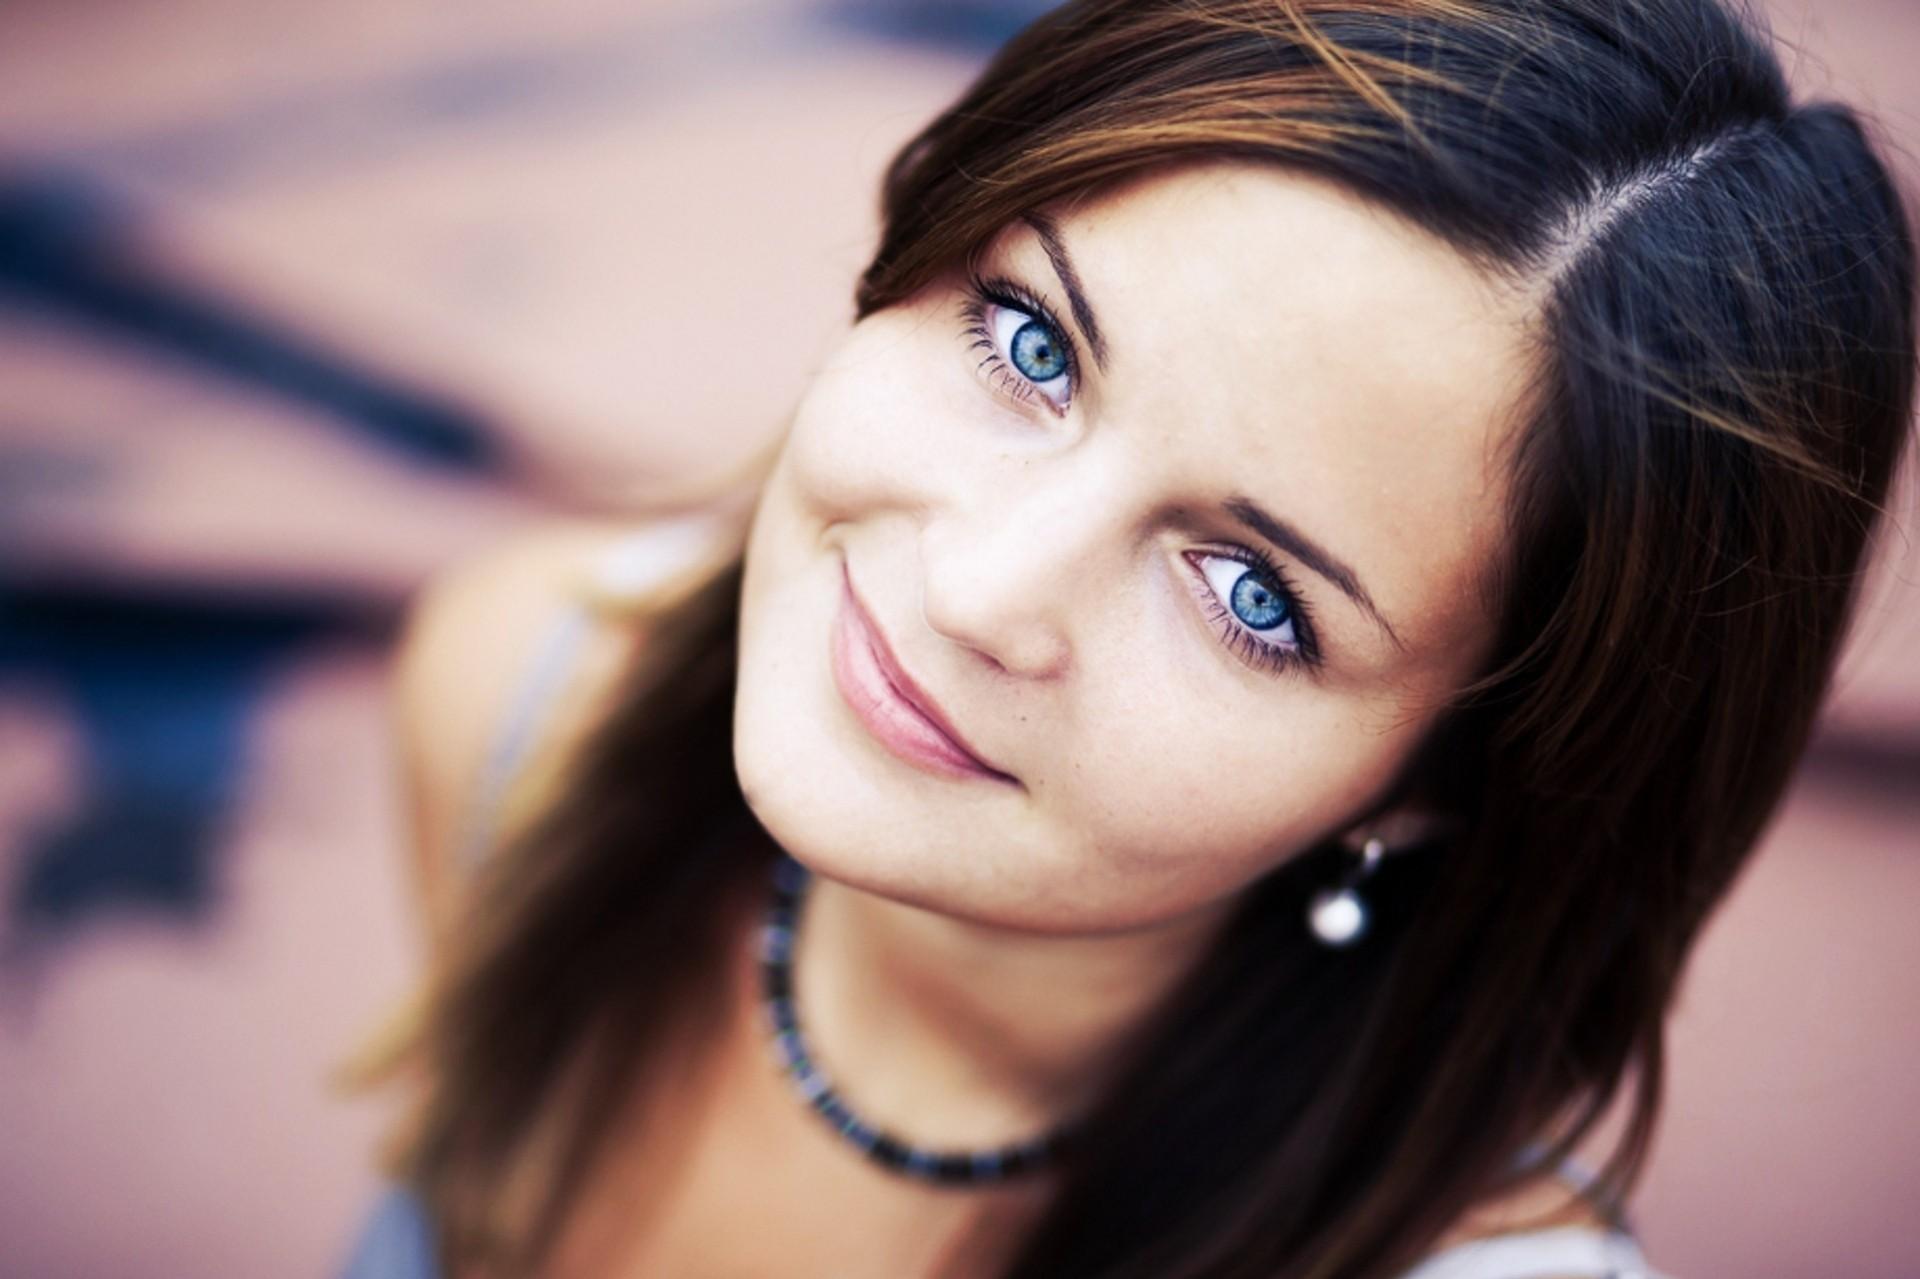 Фото девушки с красивыми глазами брюнетка 6 фотография